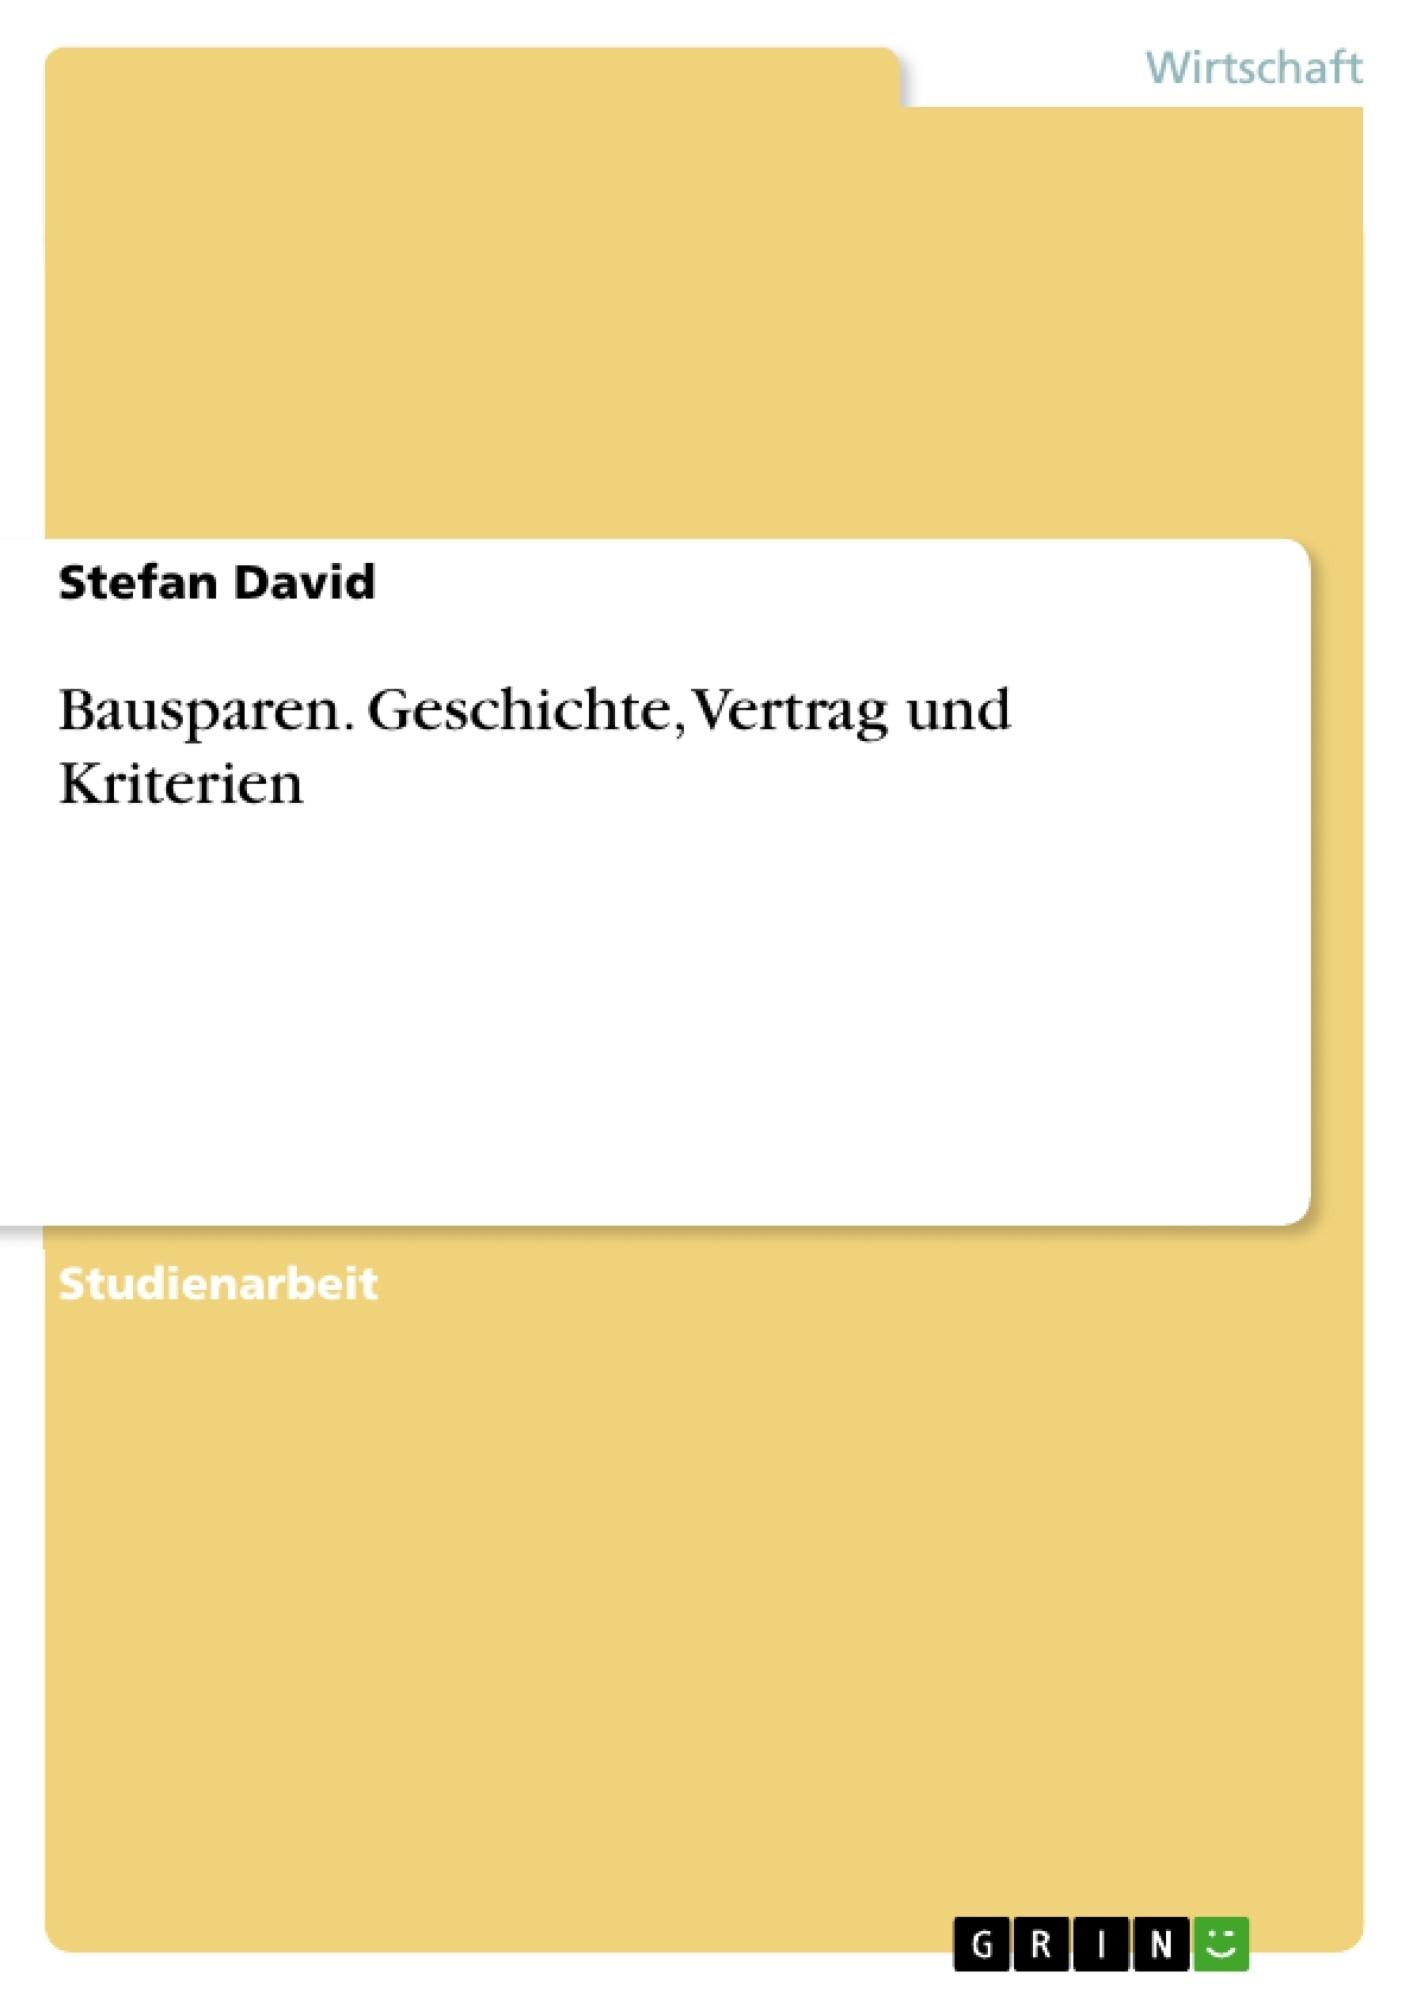 Bausparen. Geschichte, Vertrag und Kriterien | Masterarbeit ...